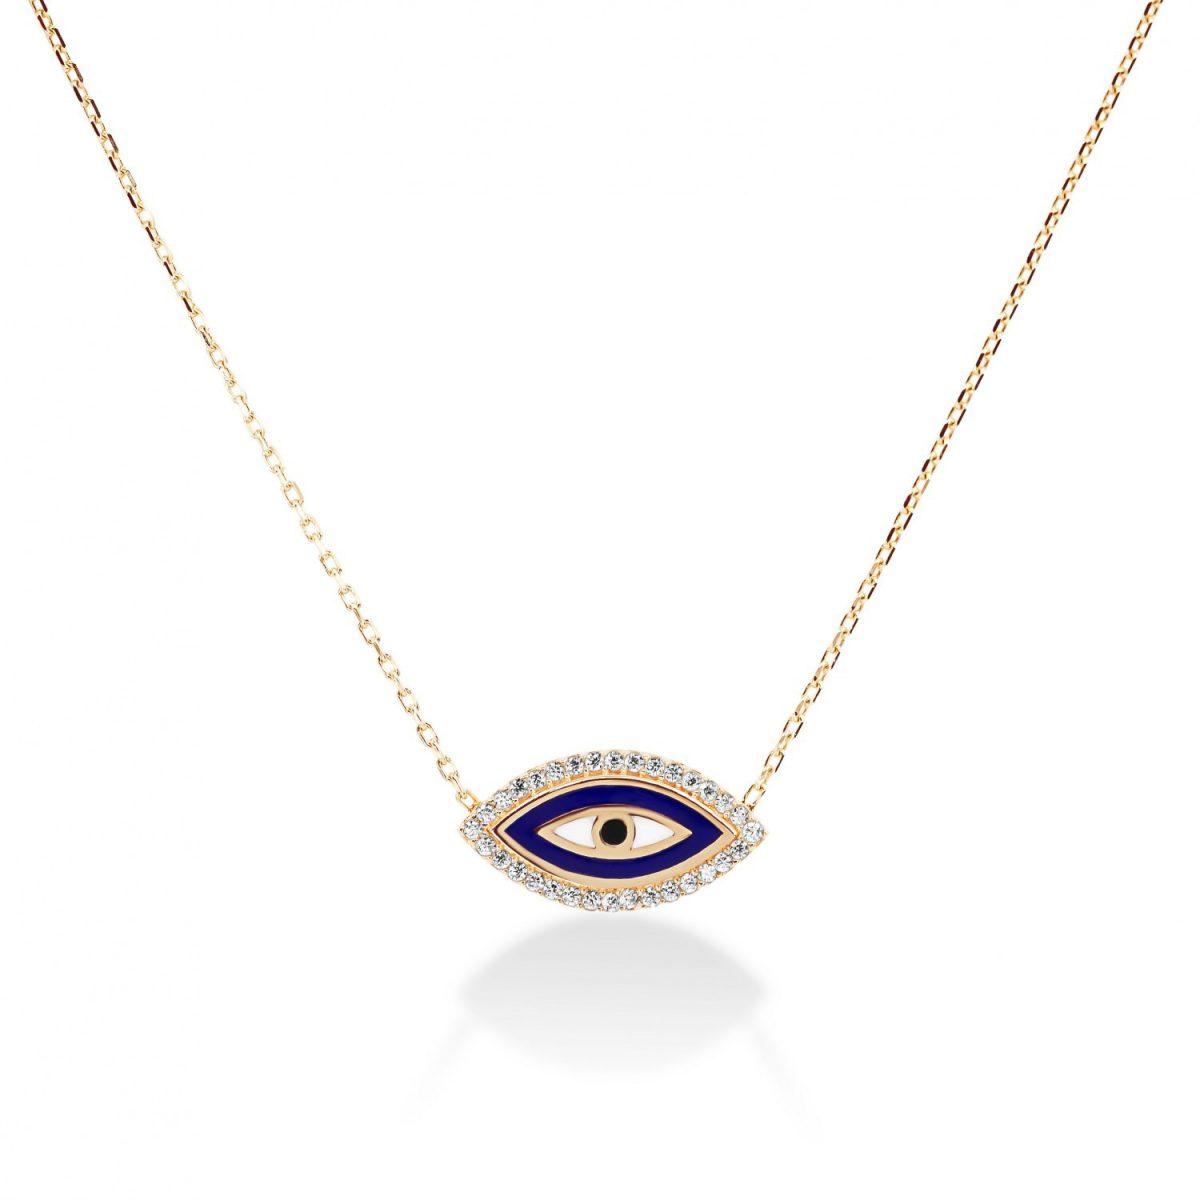 שרשרת זהב - עין כחולה אמייל משובצת זרקונים זהב אדום